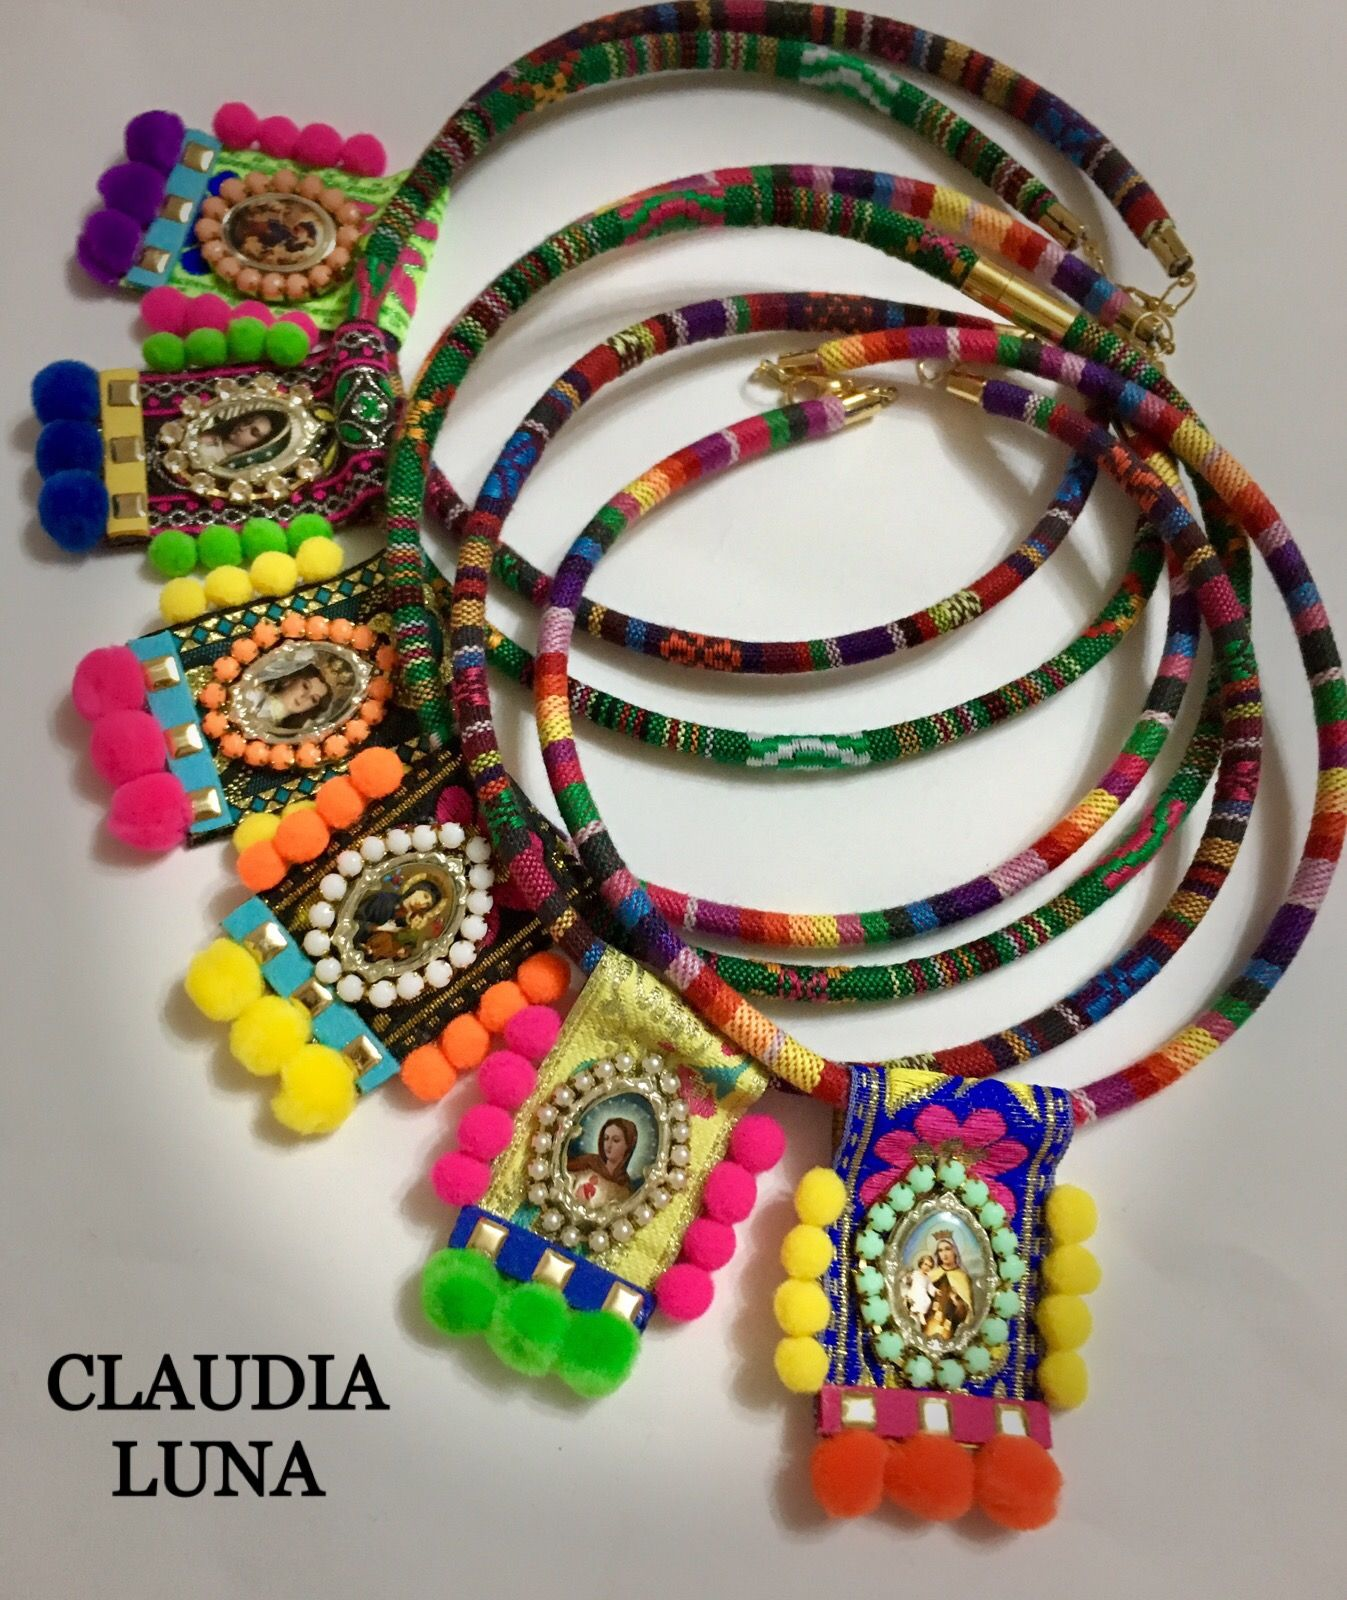 ab9cb8b282d3 Cordón etnico con escapulario y pompones hecho a mano. Artesanía mexicana .  Síguenos en Instagram  claudialuna handcrafted